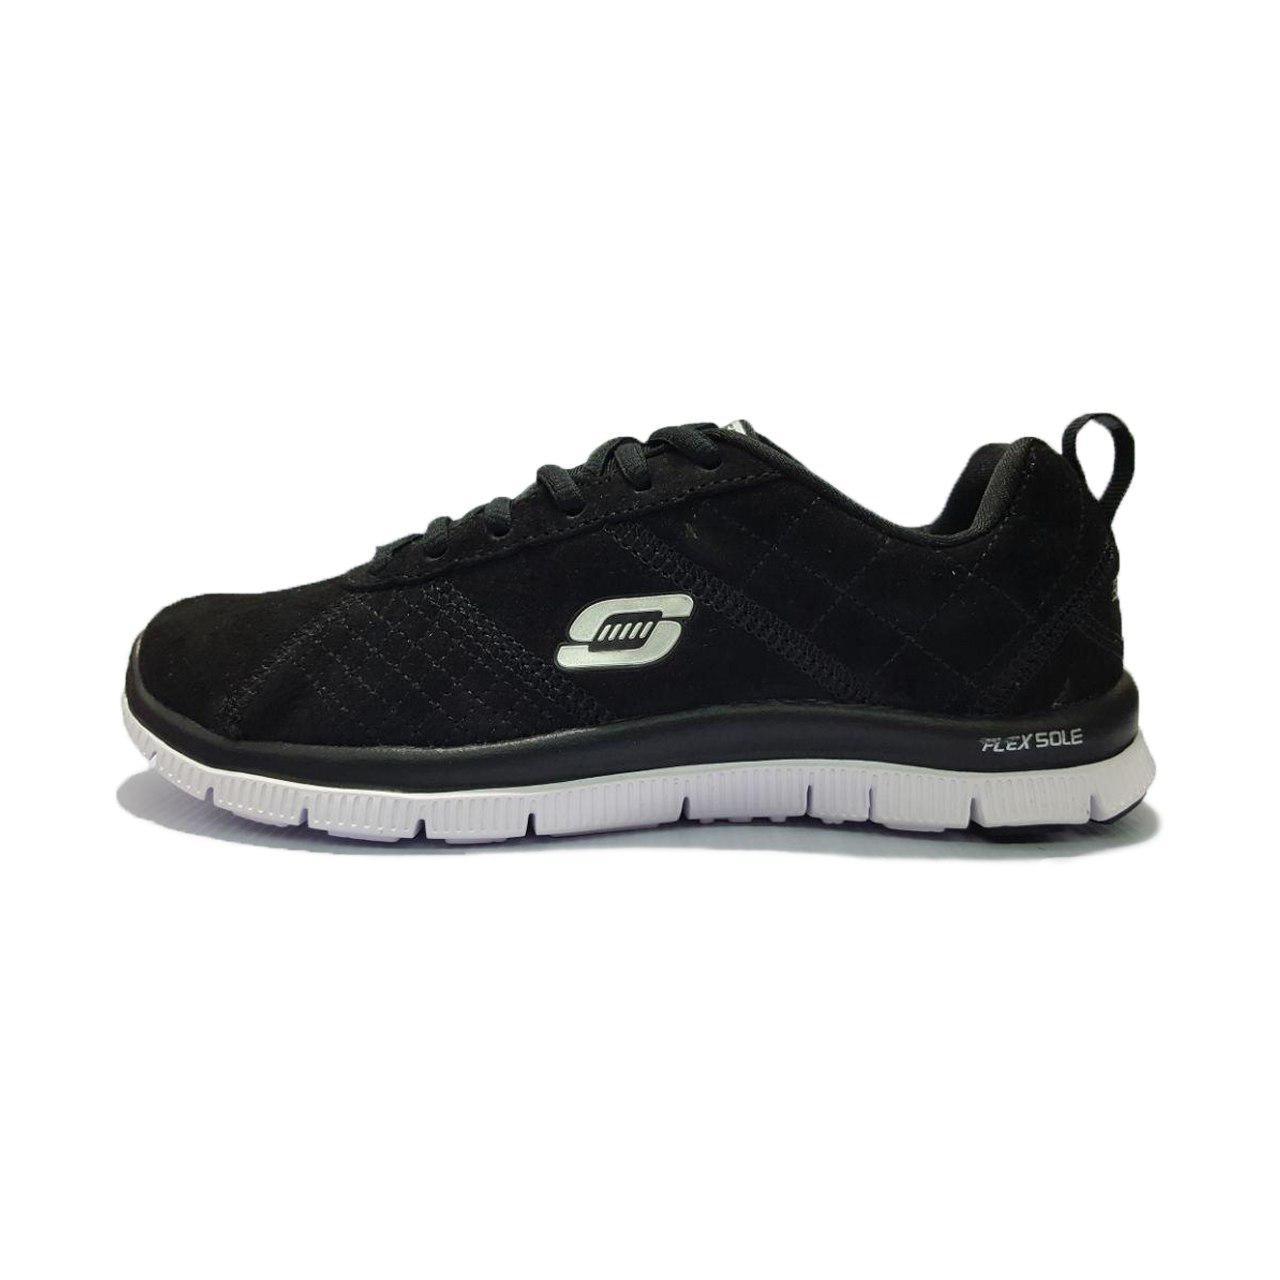 کفش مخصوص پیاده روی زنانه اسکچرز مدل LIGHTWEIGHT